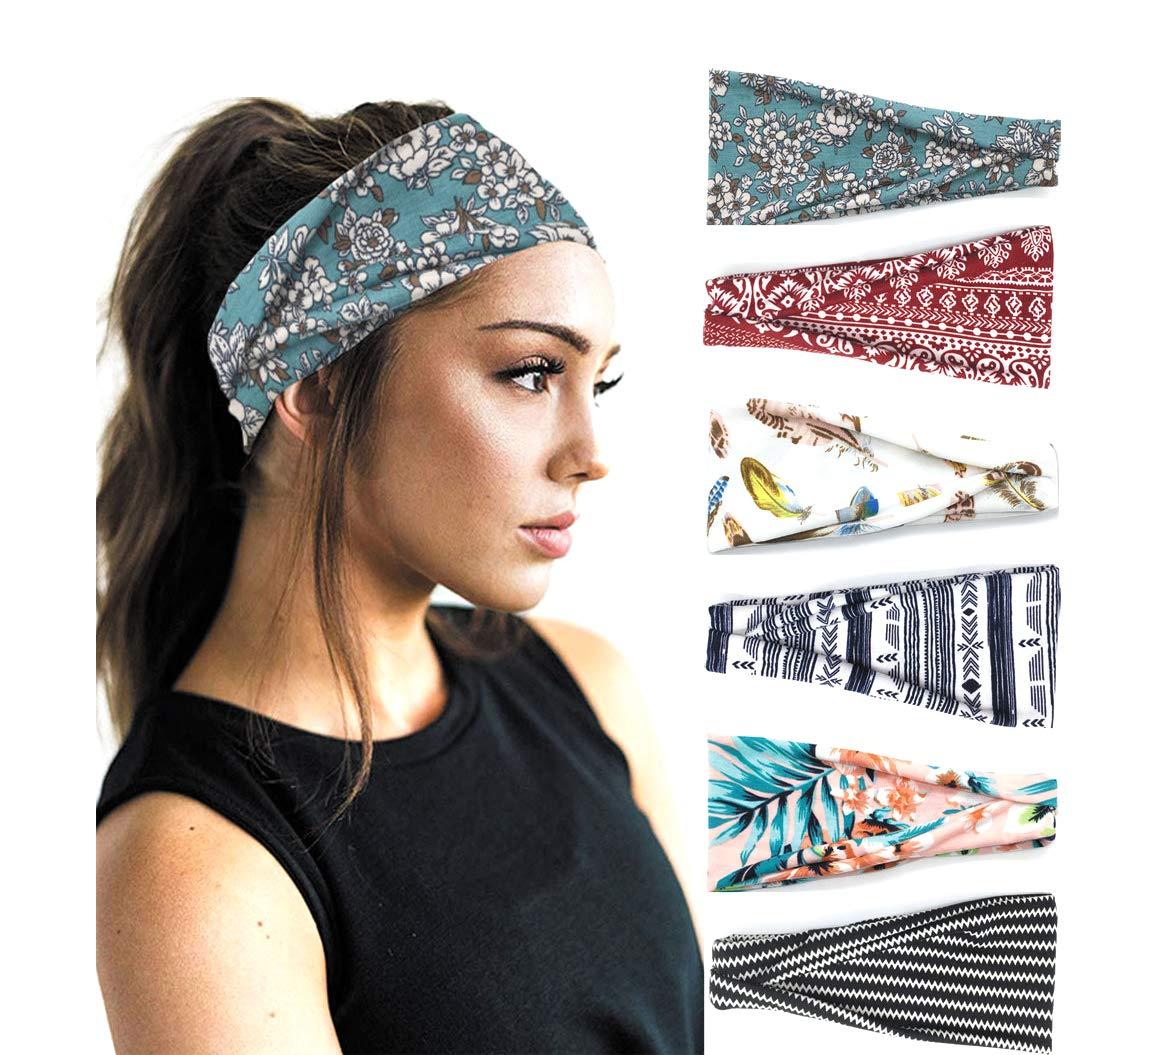 PLOVZ 6 Pack Women's Yoga Running Headbands Sports Workout Hair Bands (Set 10): Beauty